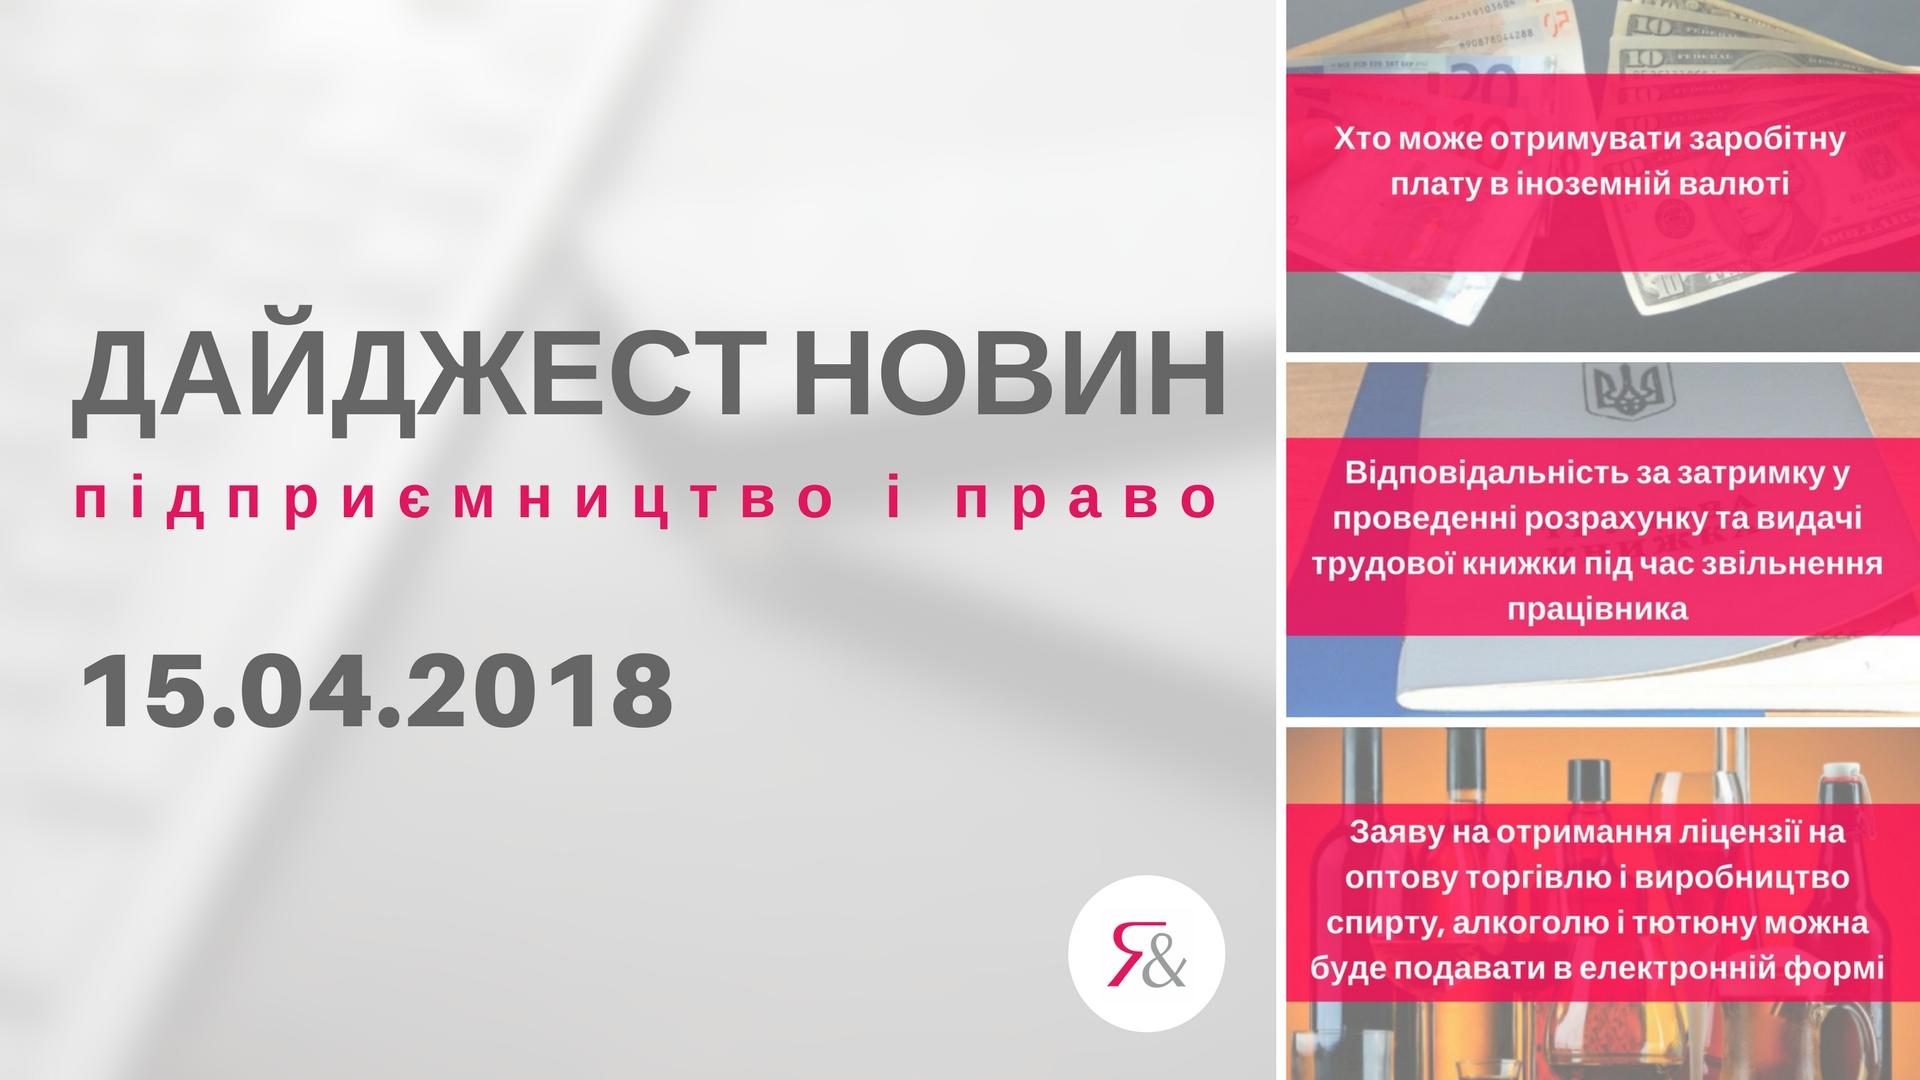 Дайджест нoвин «Підприємництво і право» з 10.04.2018 пo 15.04.2018